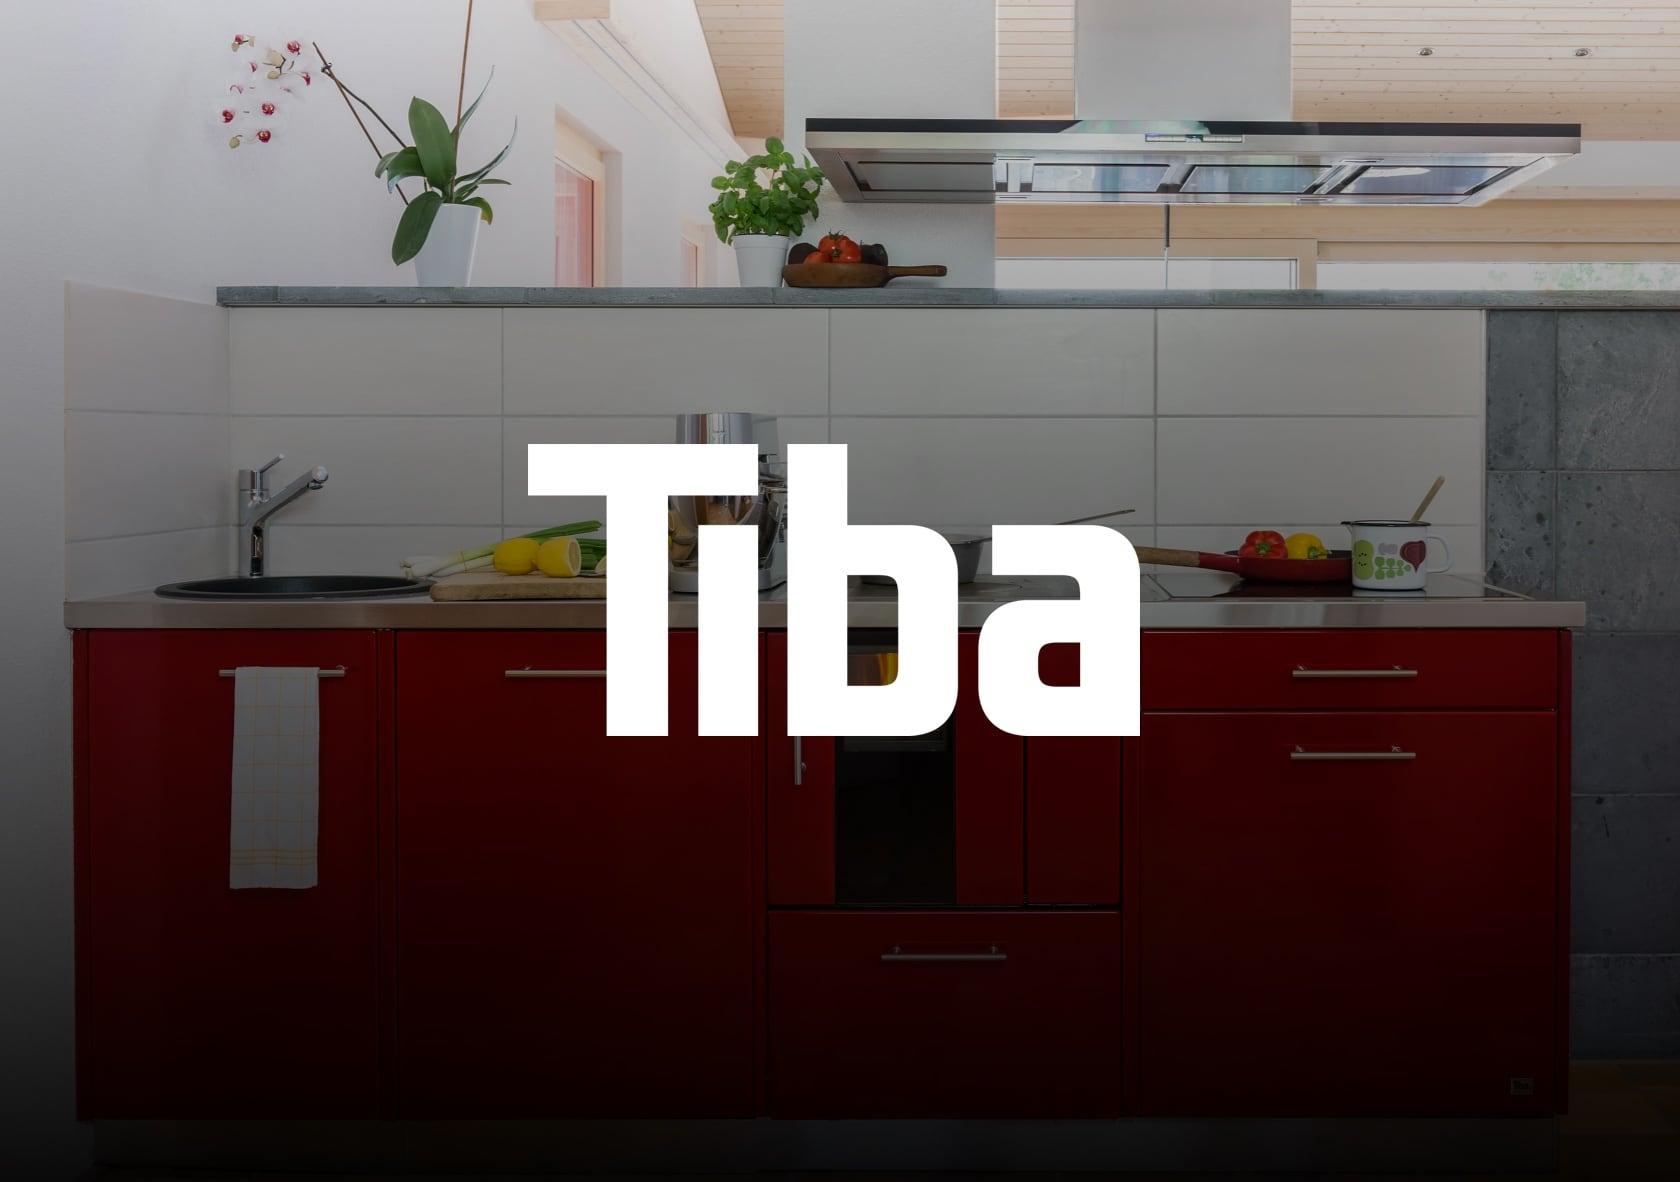 Bild einer Küche mit Herd mit dem Tiba Logo davor